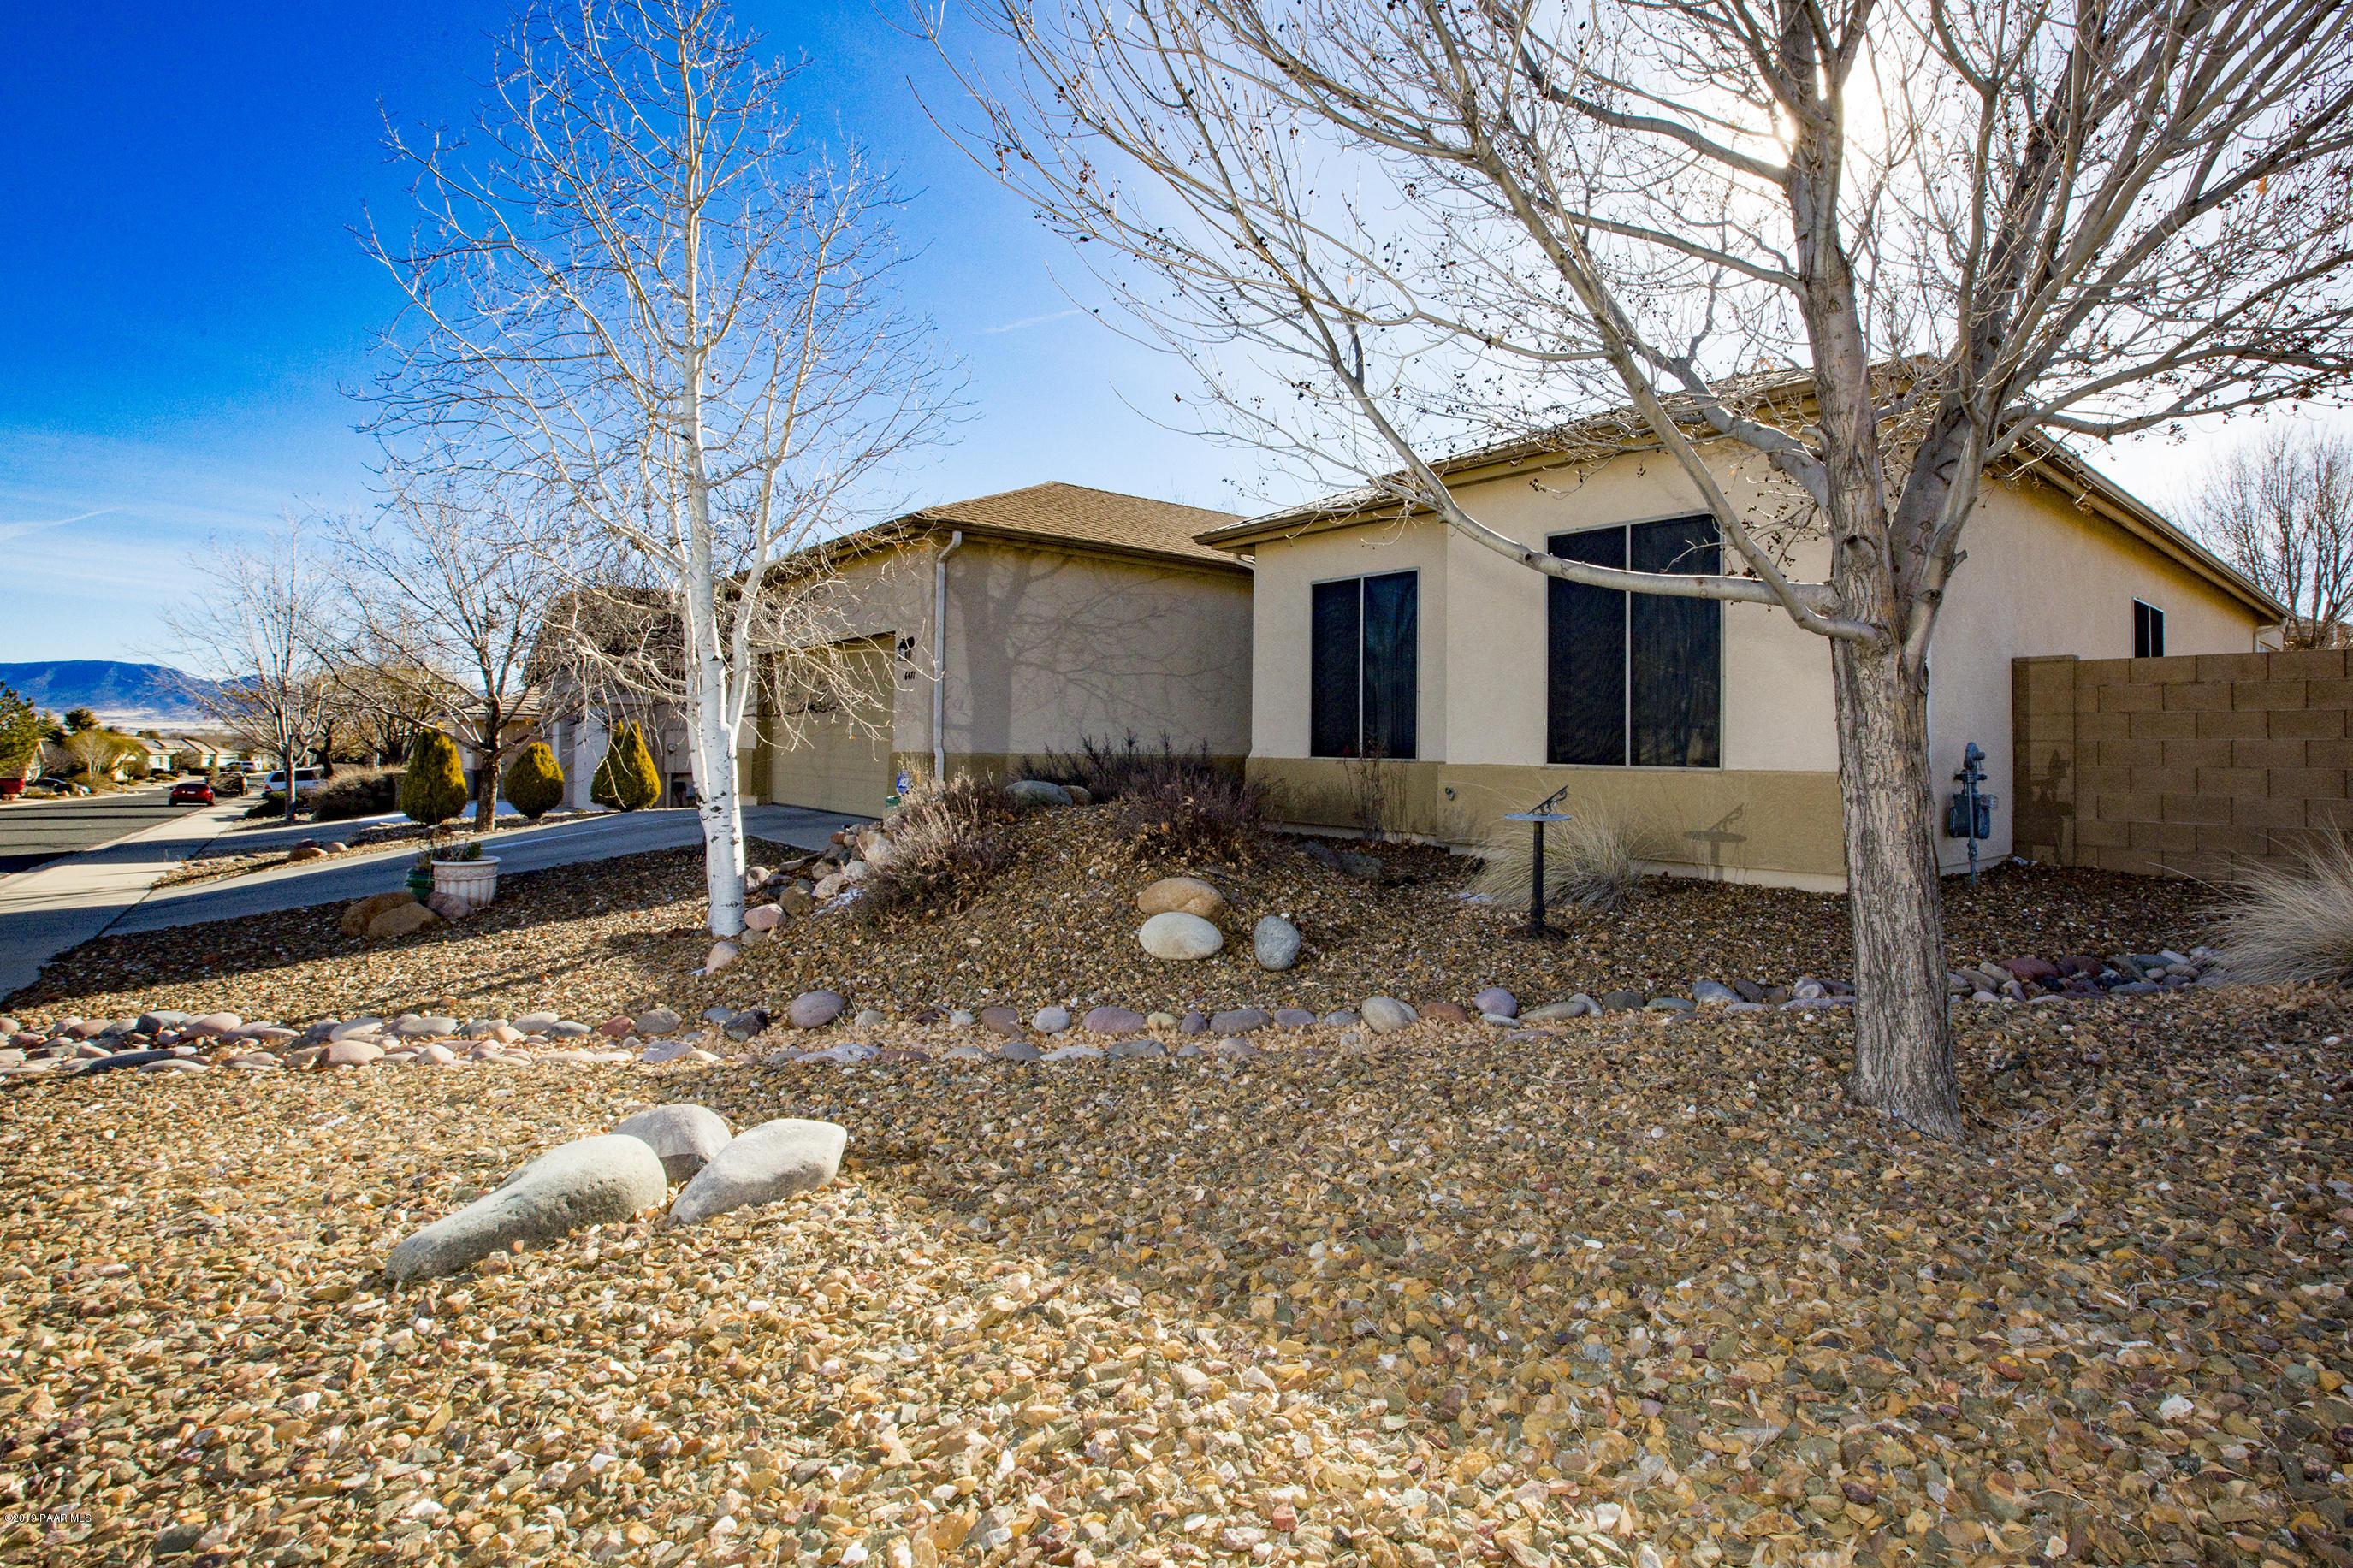 Photo of 6471 Brombil, Prescott Valley, AZ 86314